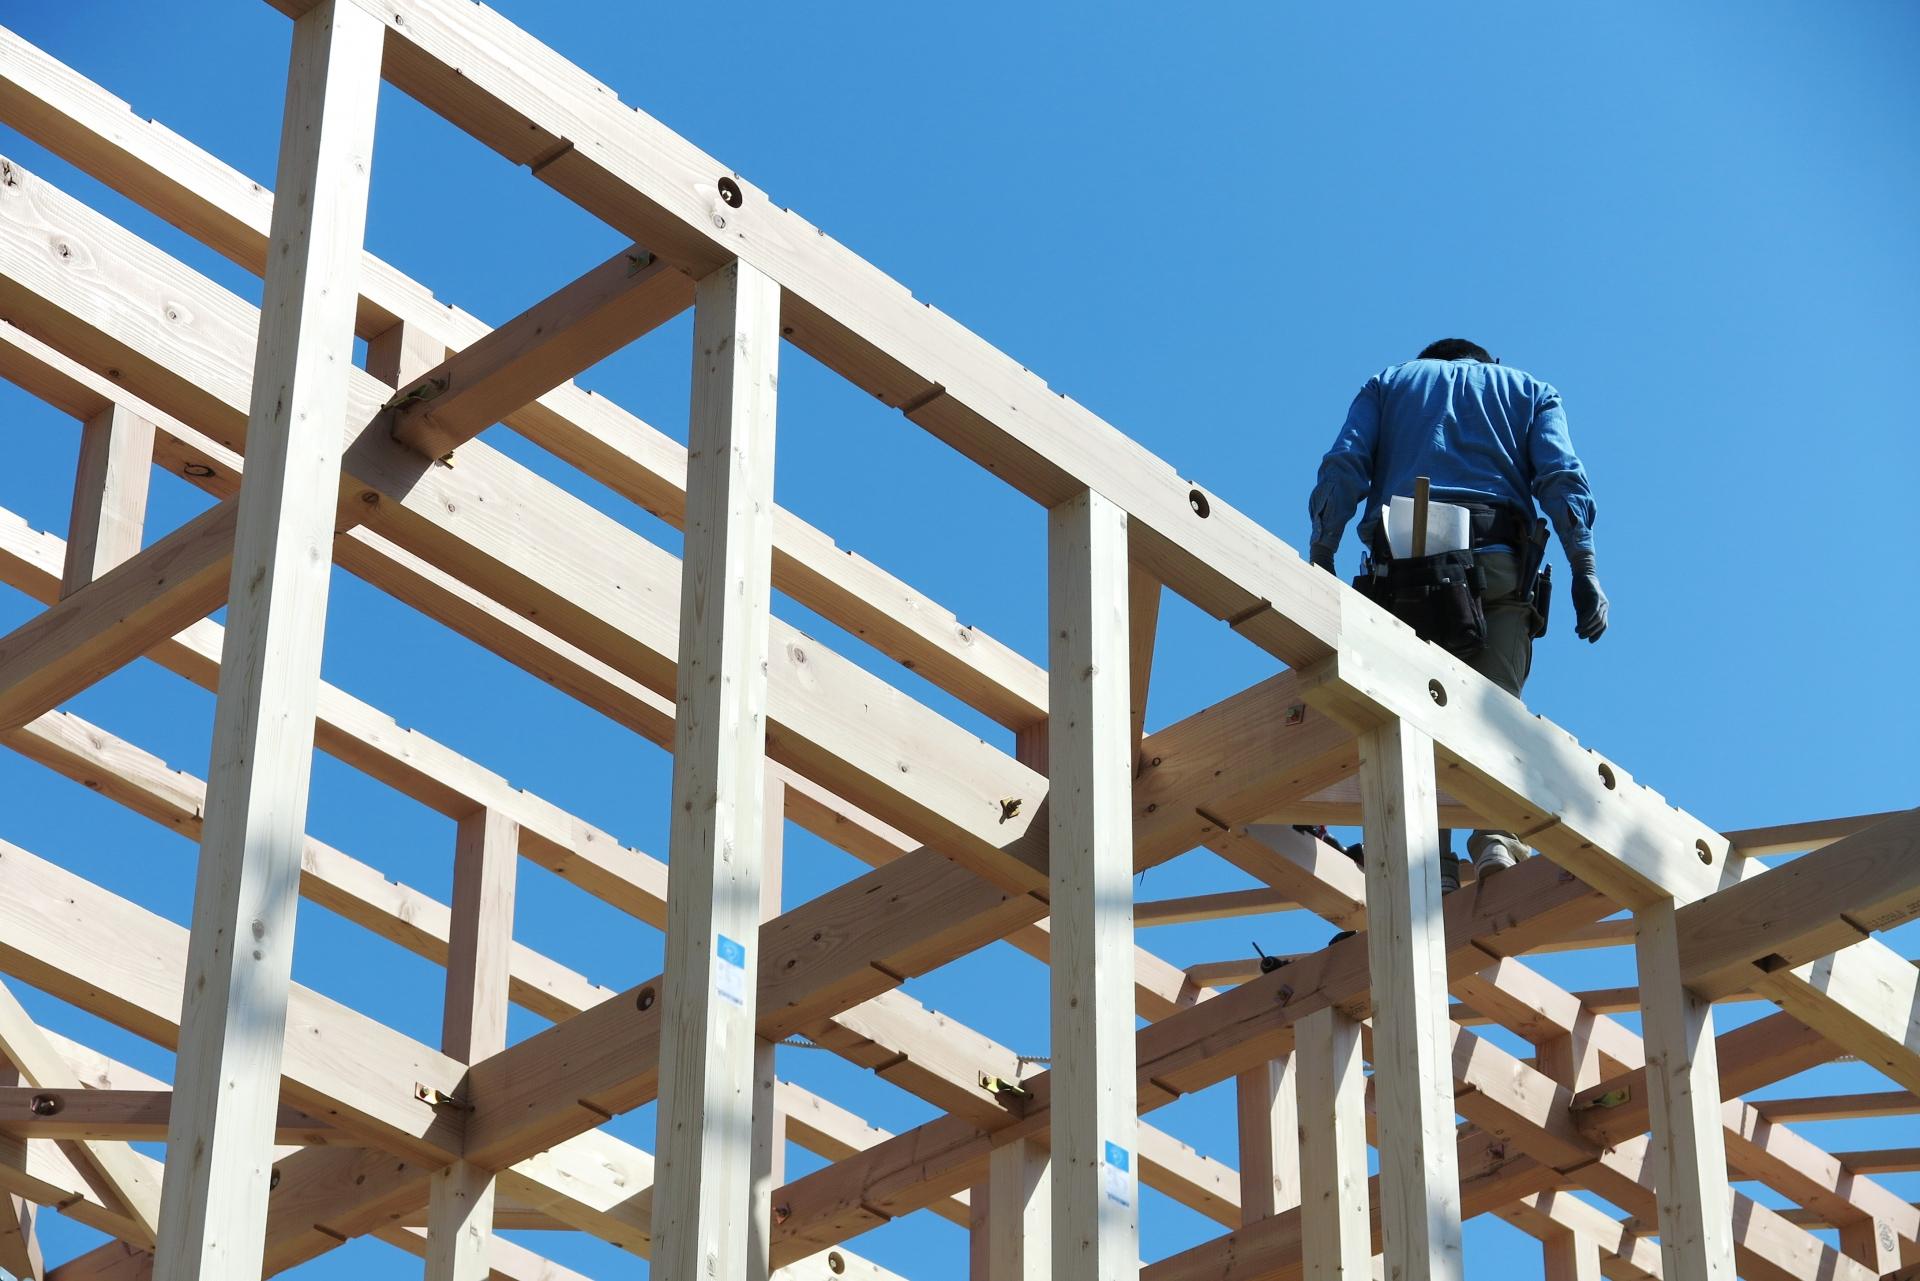 中小建設業向け スマホ内線化とリモートアクセスで業務効率を改善